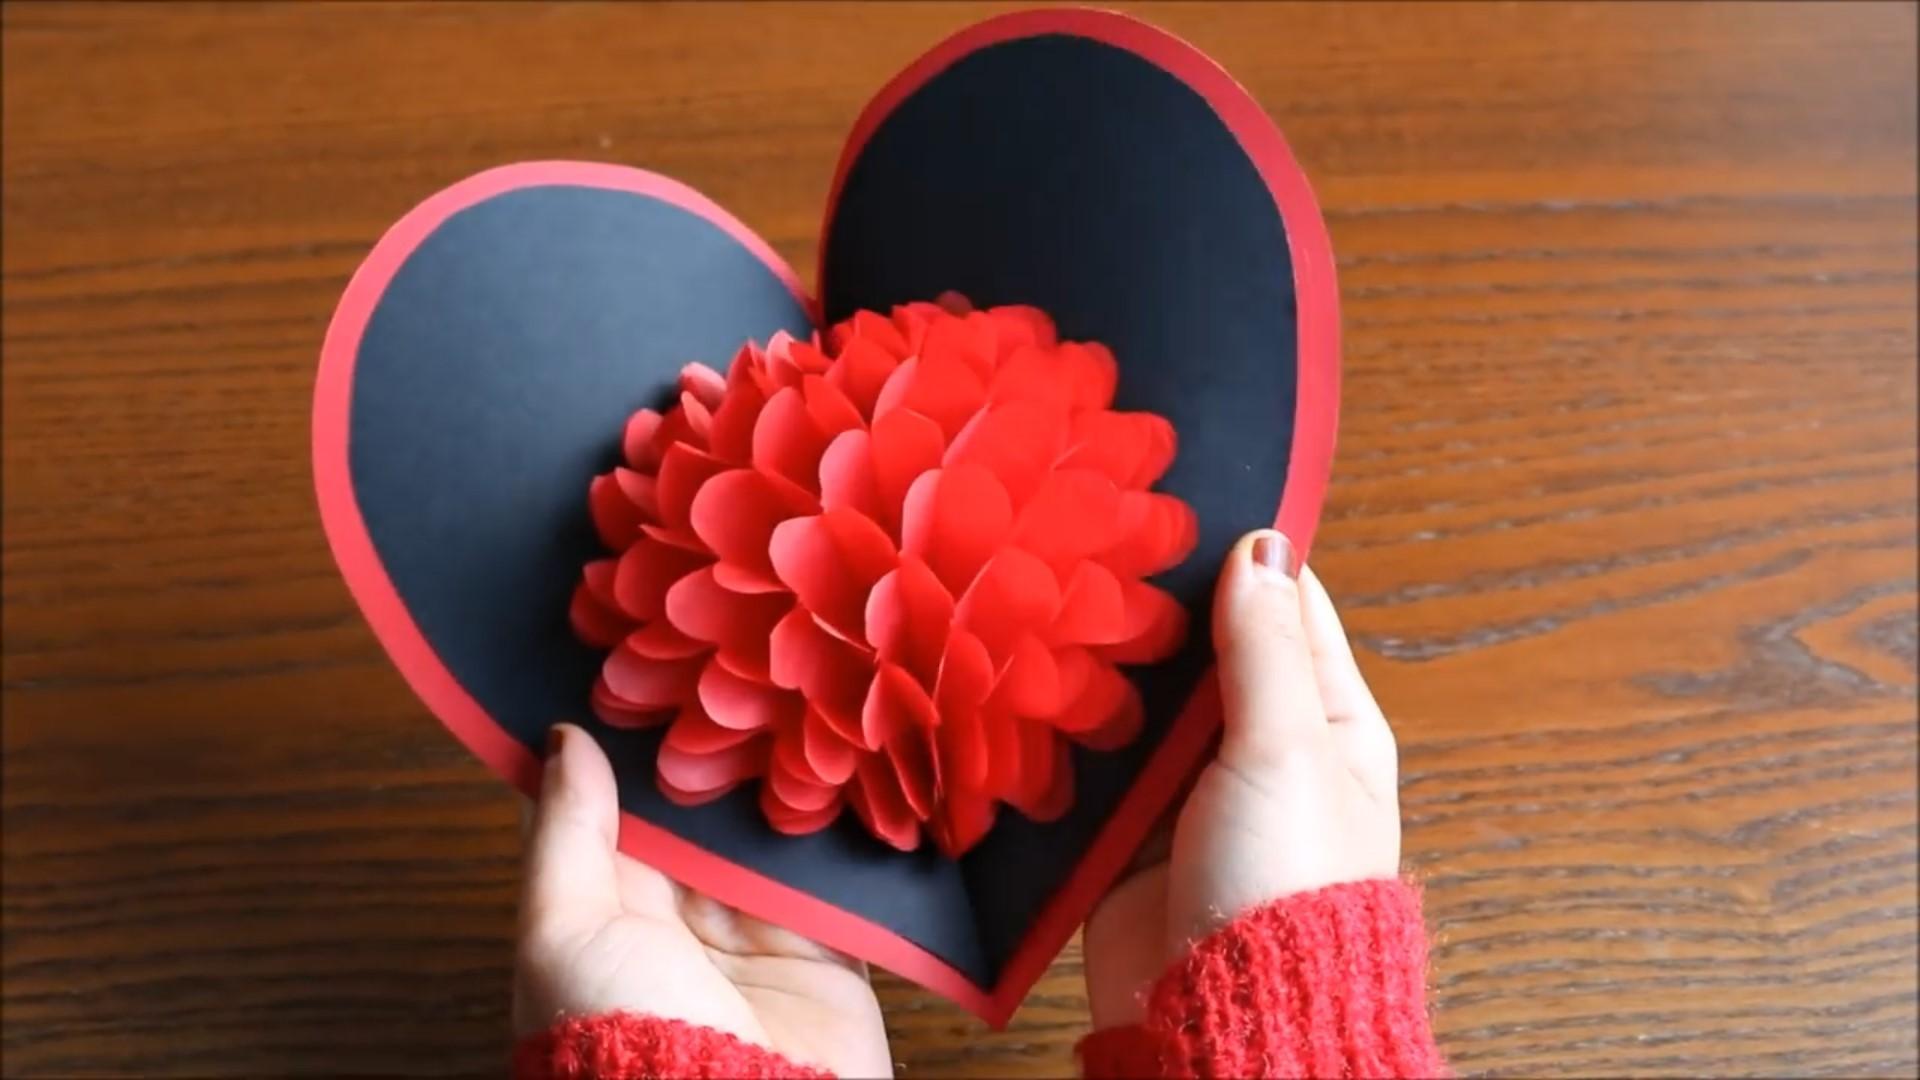 کارت پستال دست ساز | 25 مدل کارت تبریک زیبا و عاشقانه دست ساز